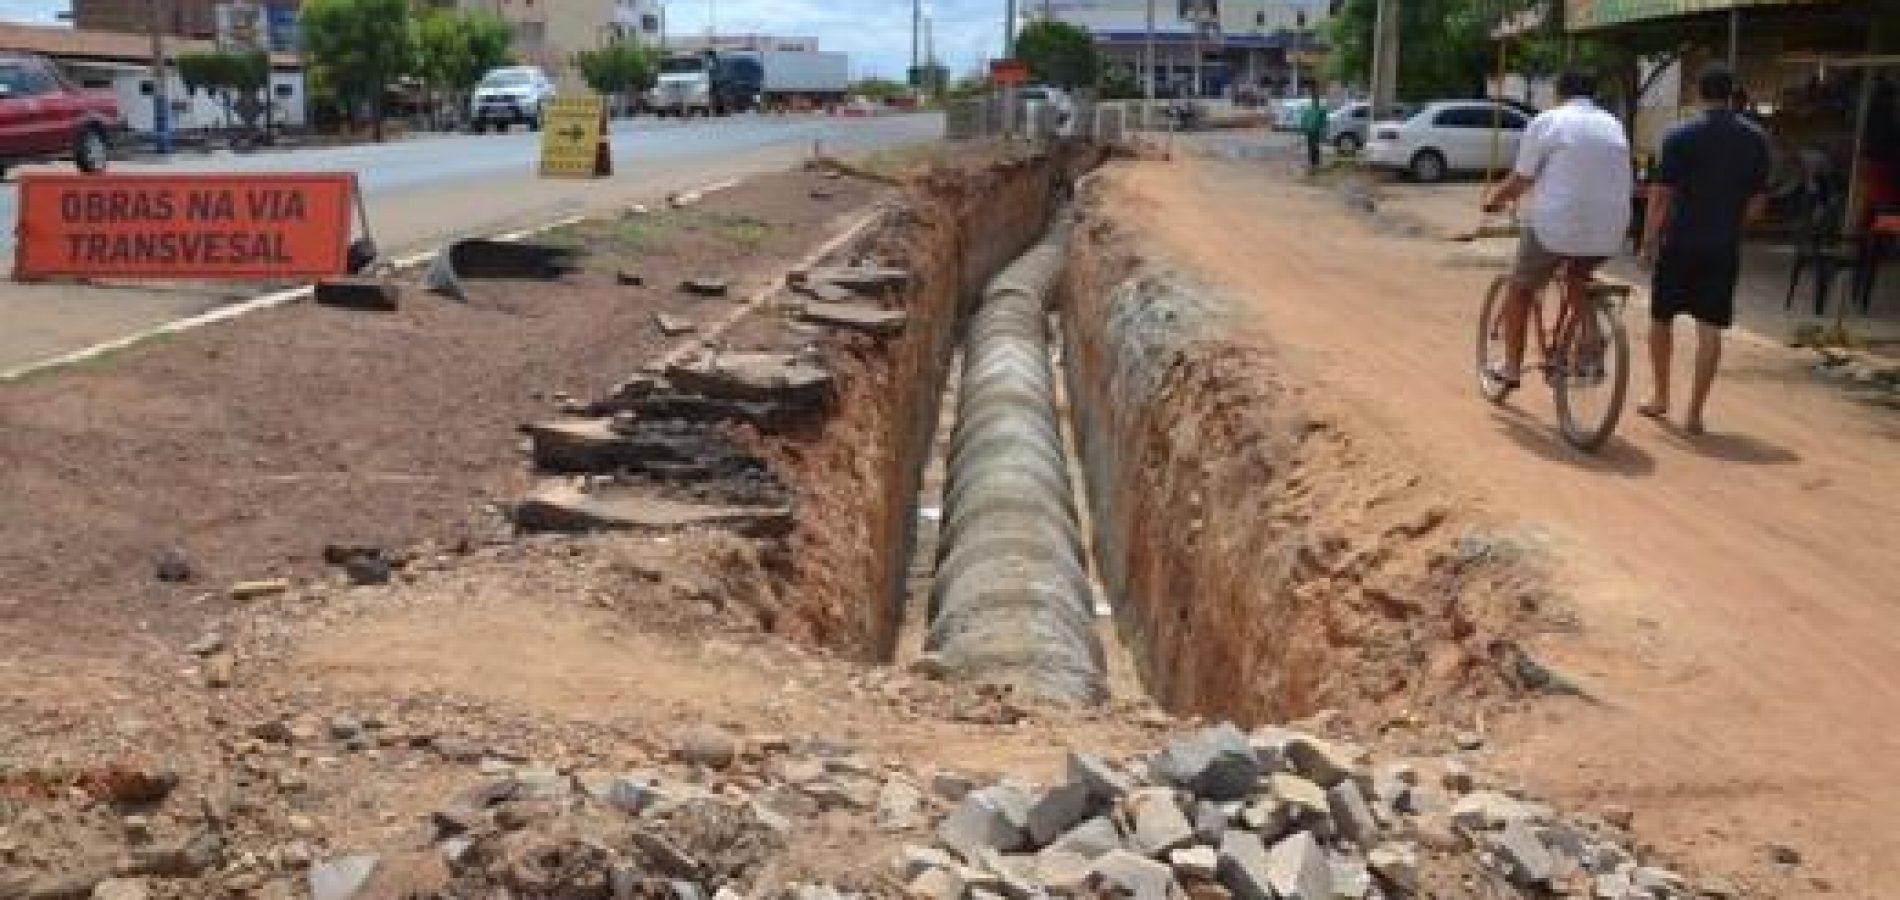 Comerciantes denunciam prejuízos com obra de drenagem nas laterais da BR-316, em Picos